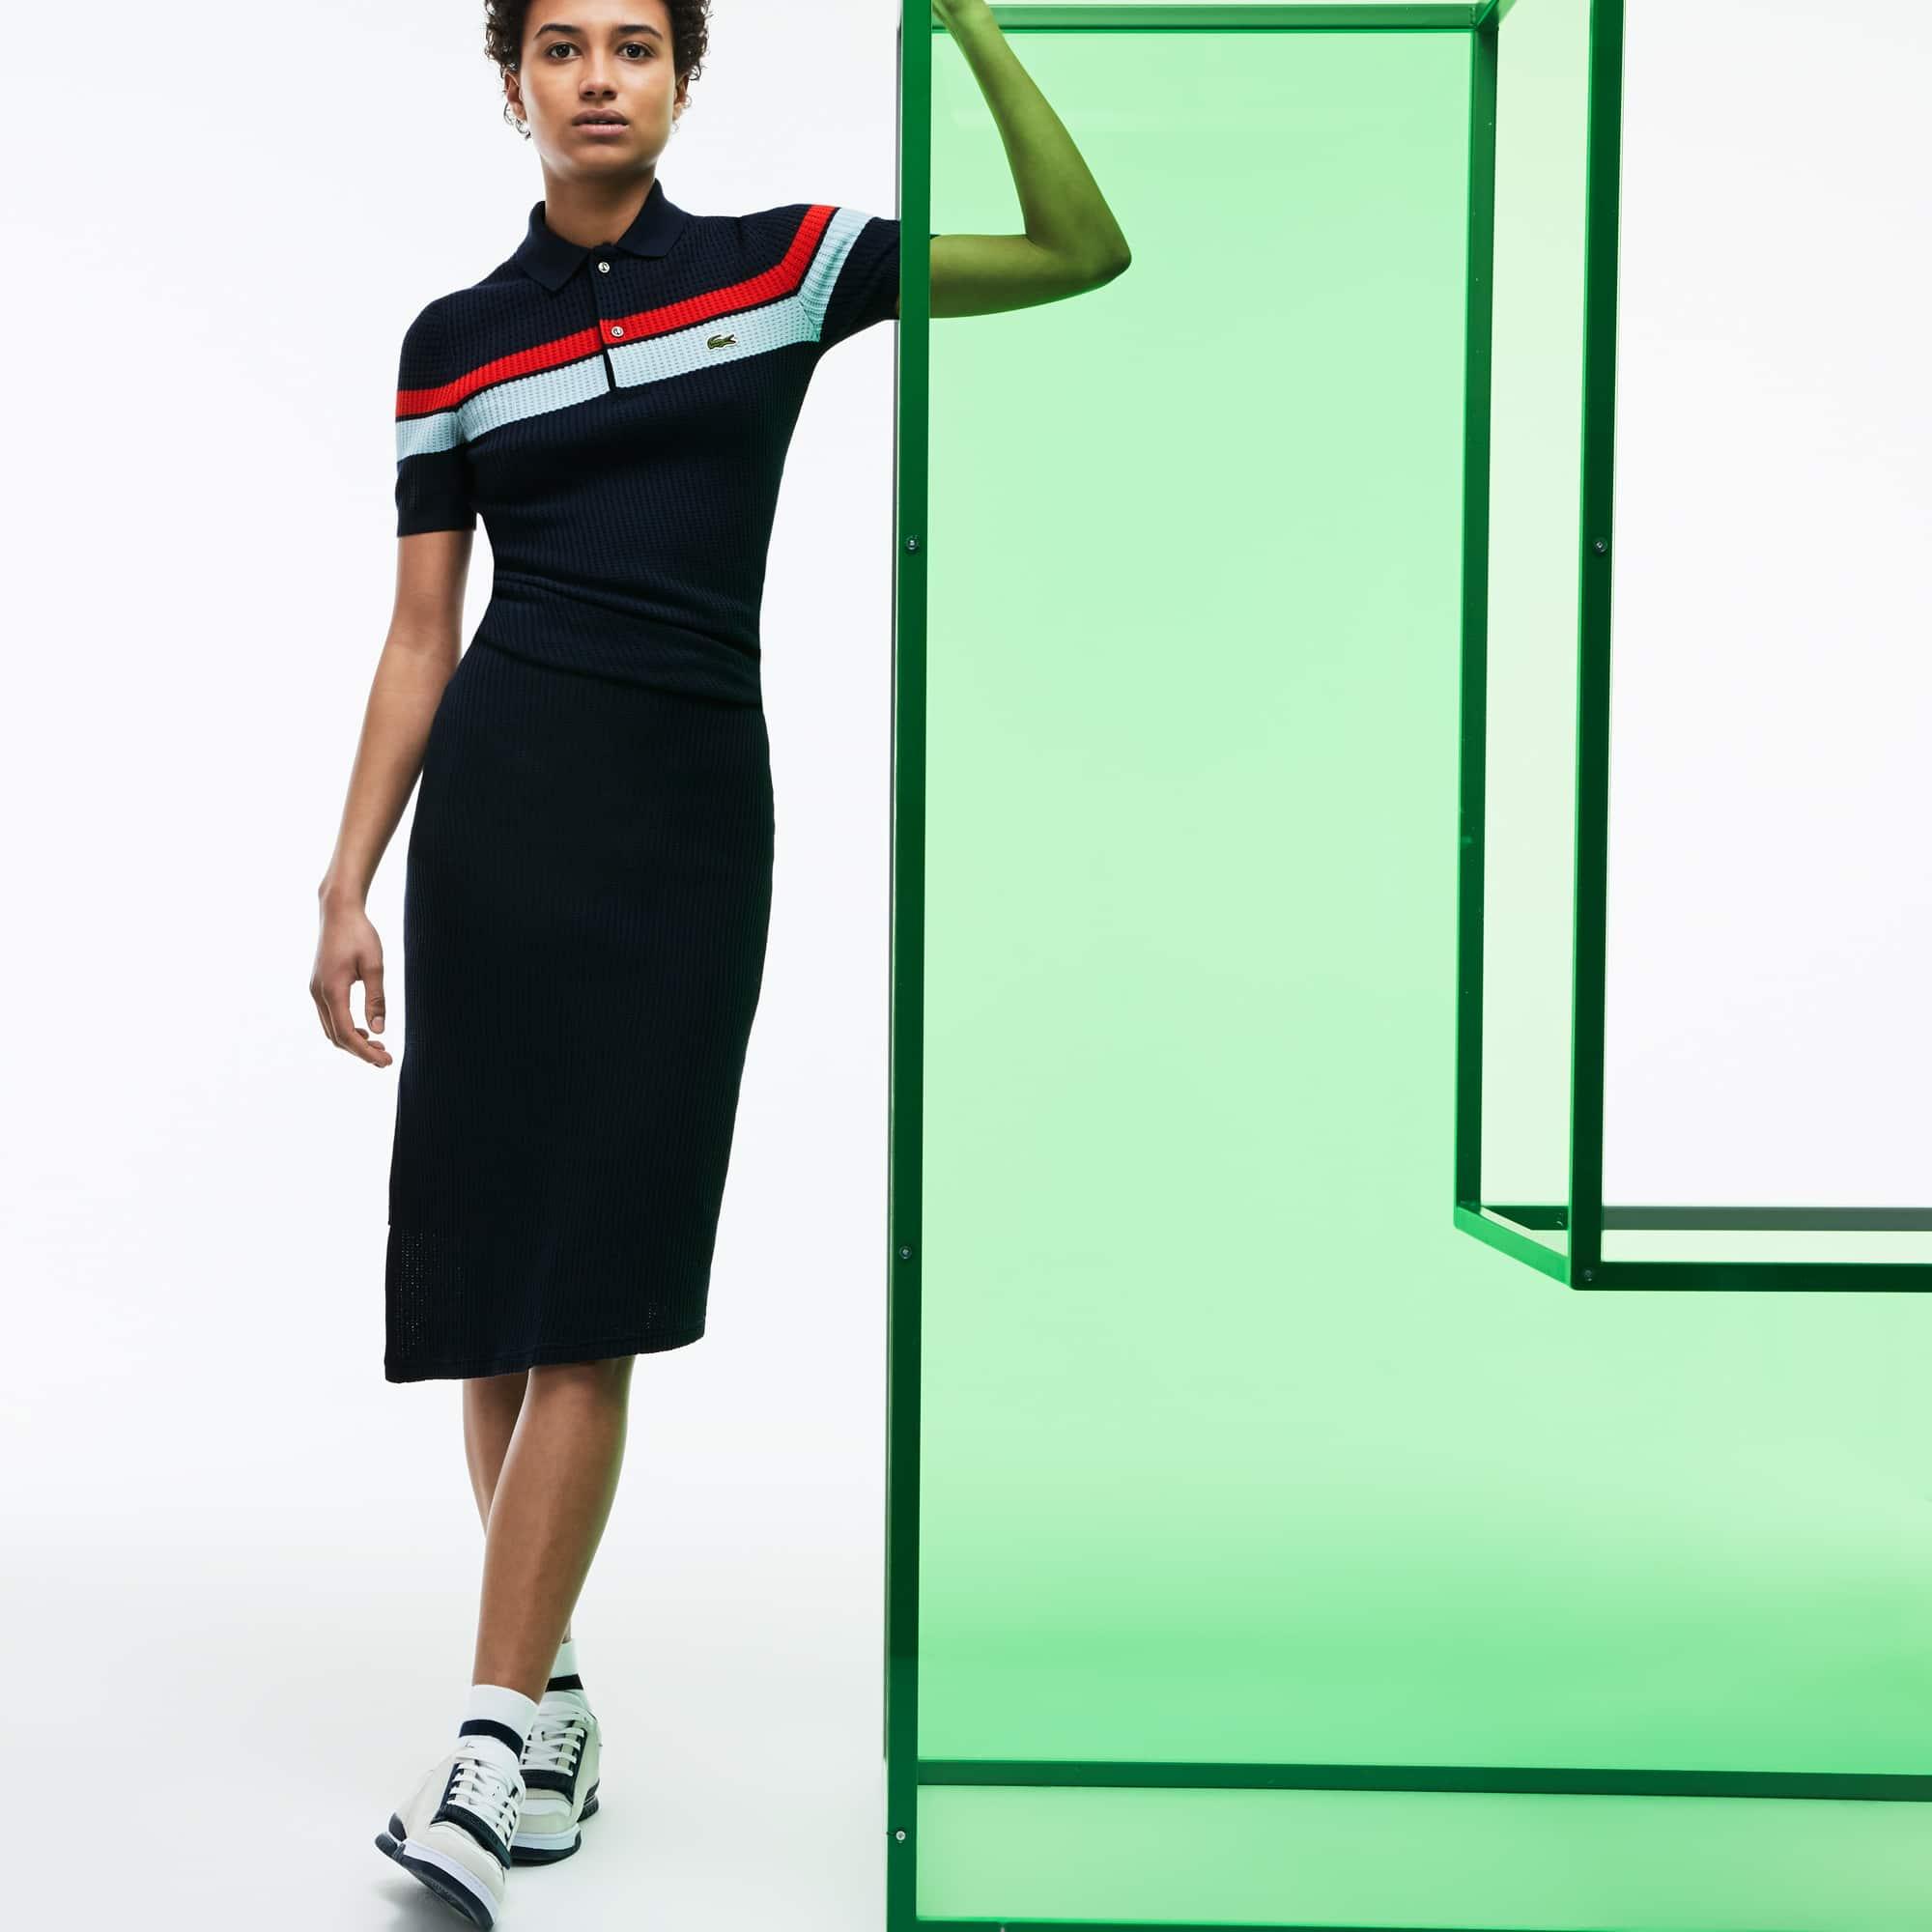 Damen Polokleid mit Twist aus der Fashion Show Kollektion